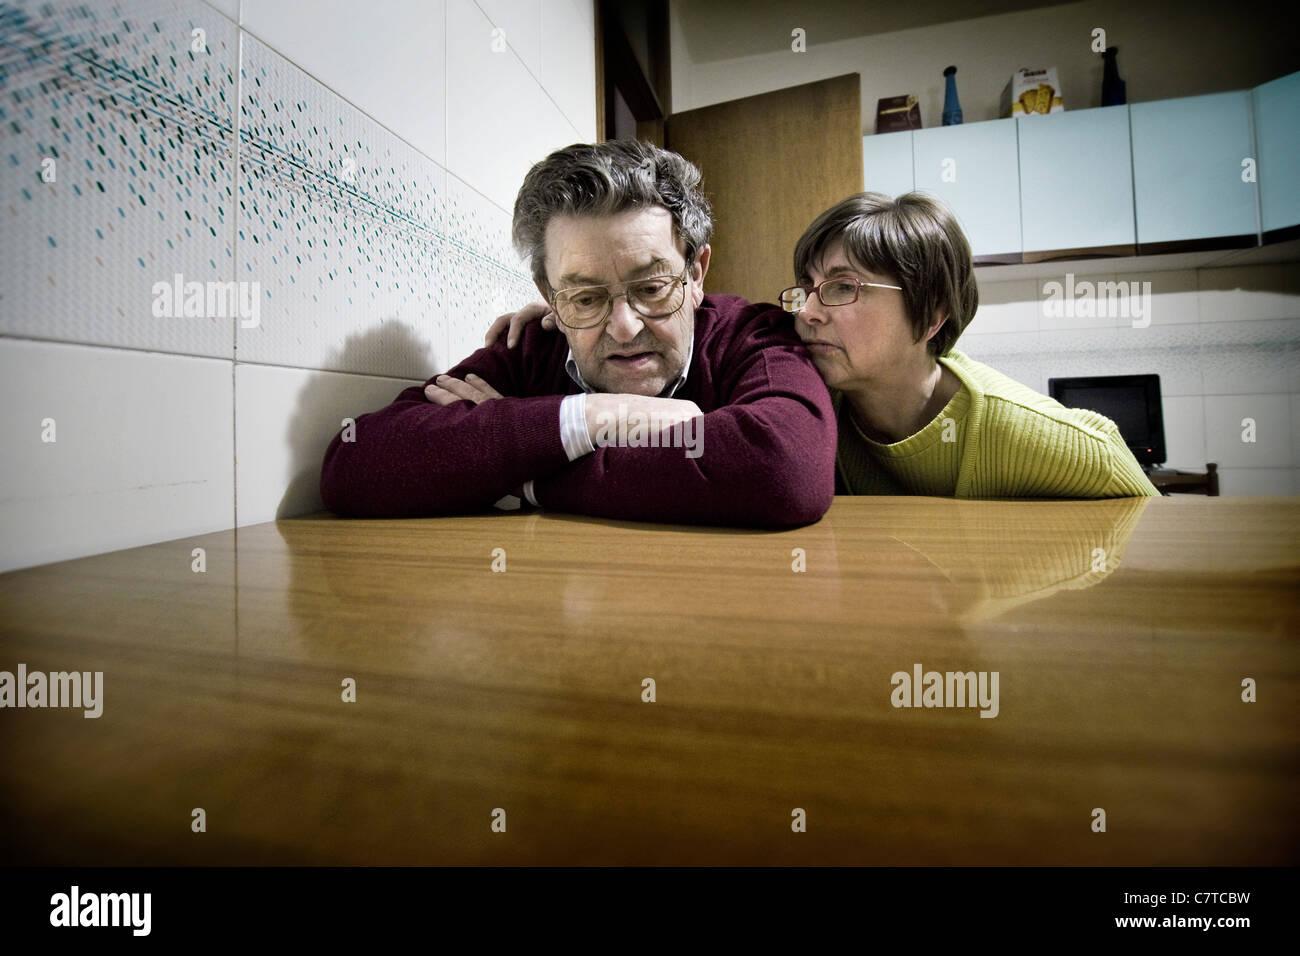 Senior woman erfolgt durch Alzheimer-Krankheit - echte Menschen Stockbild